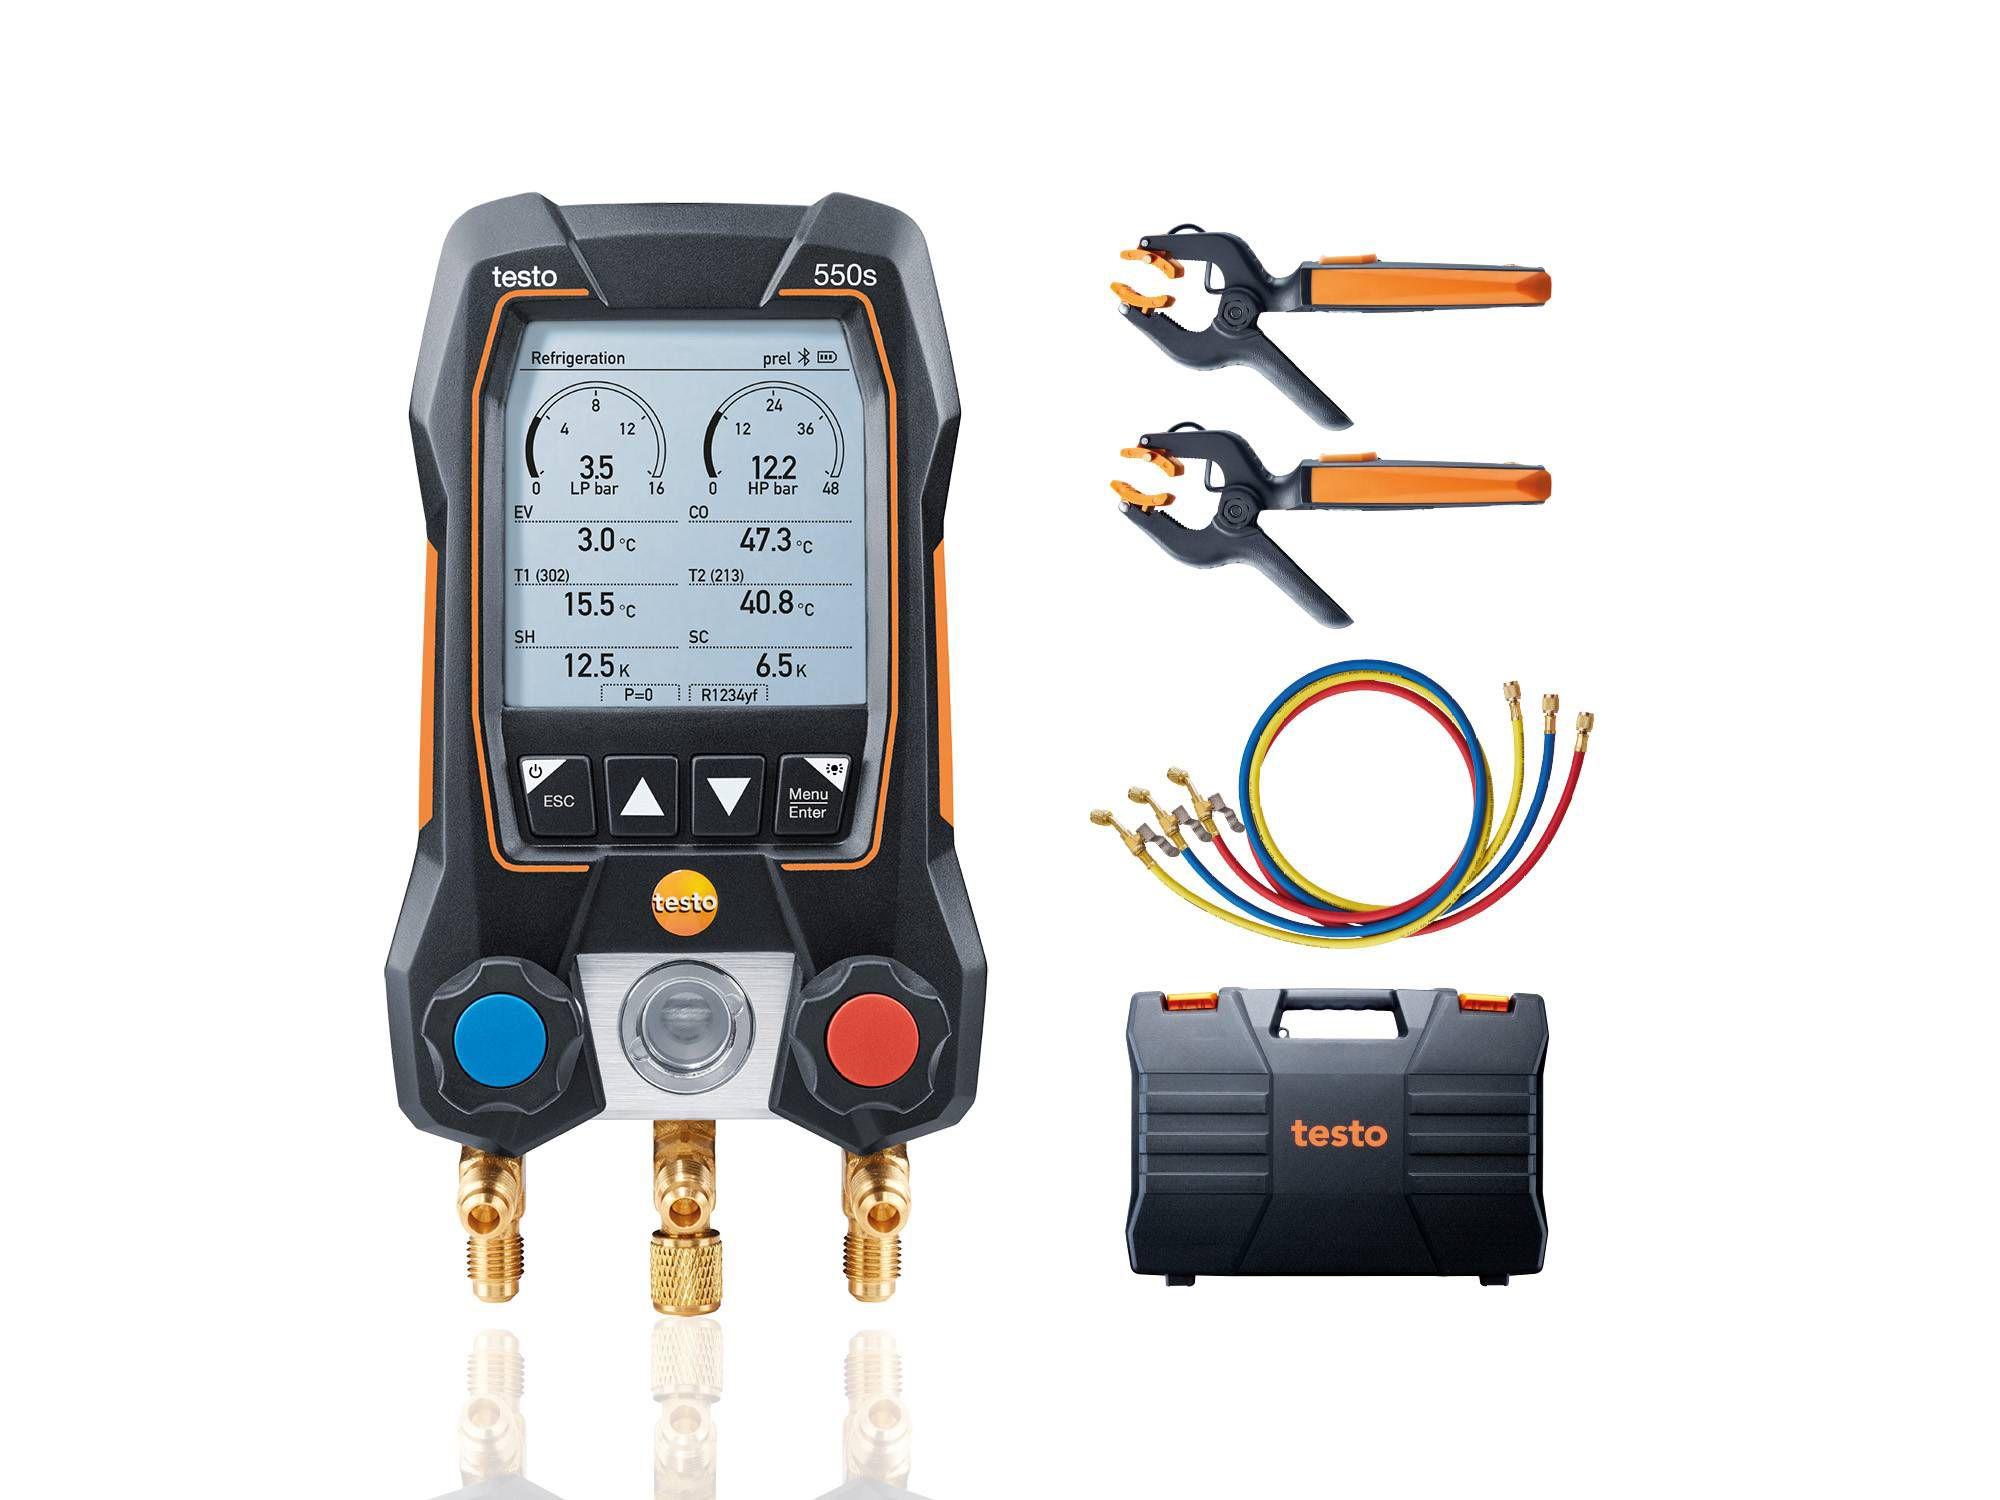 Умный цифровой манометрический коллектор testo 550s комплект 3 (0564 5503)